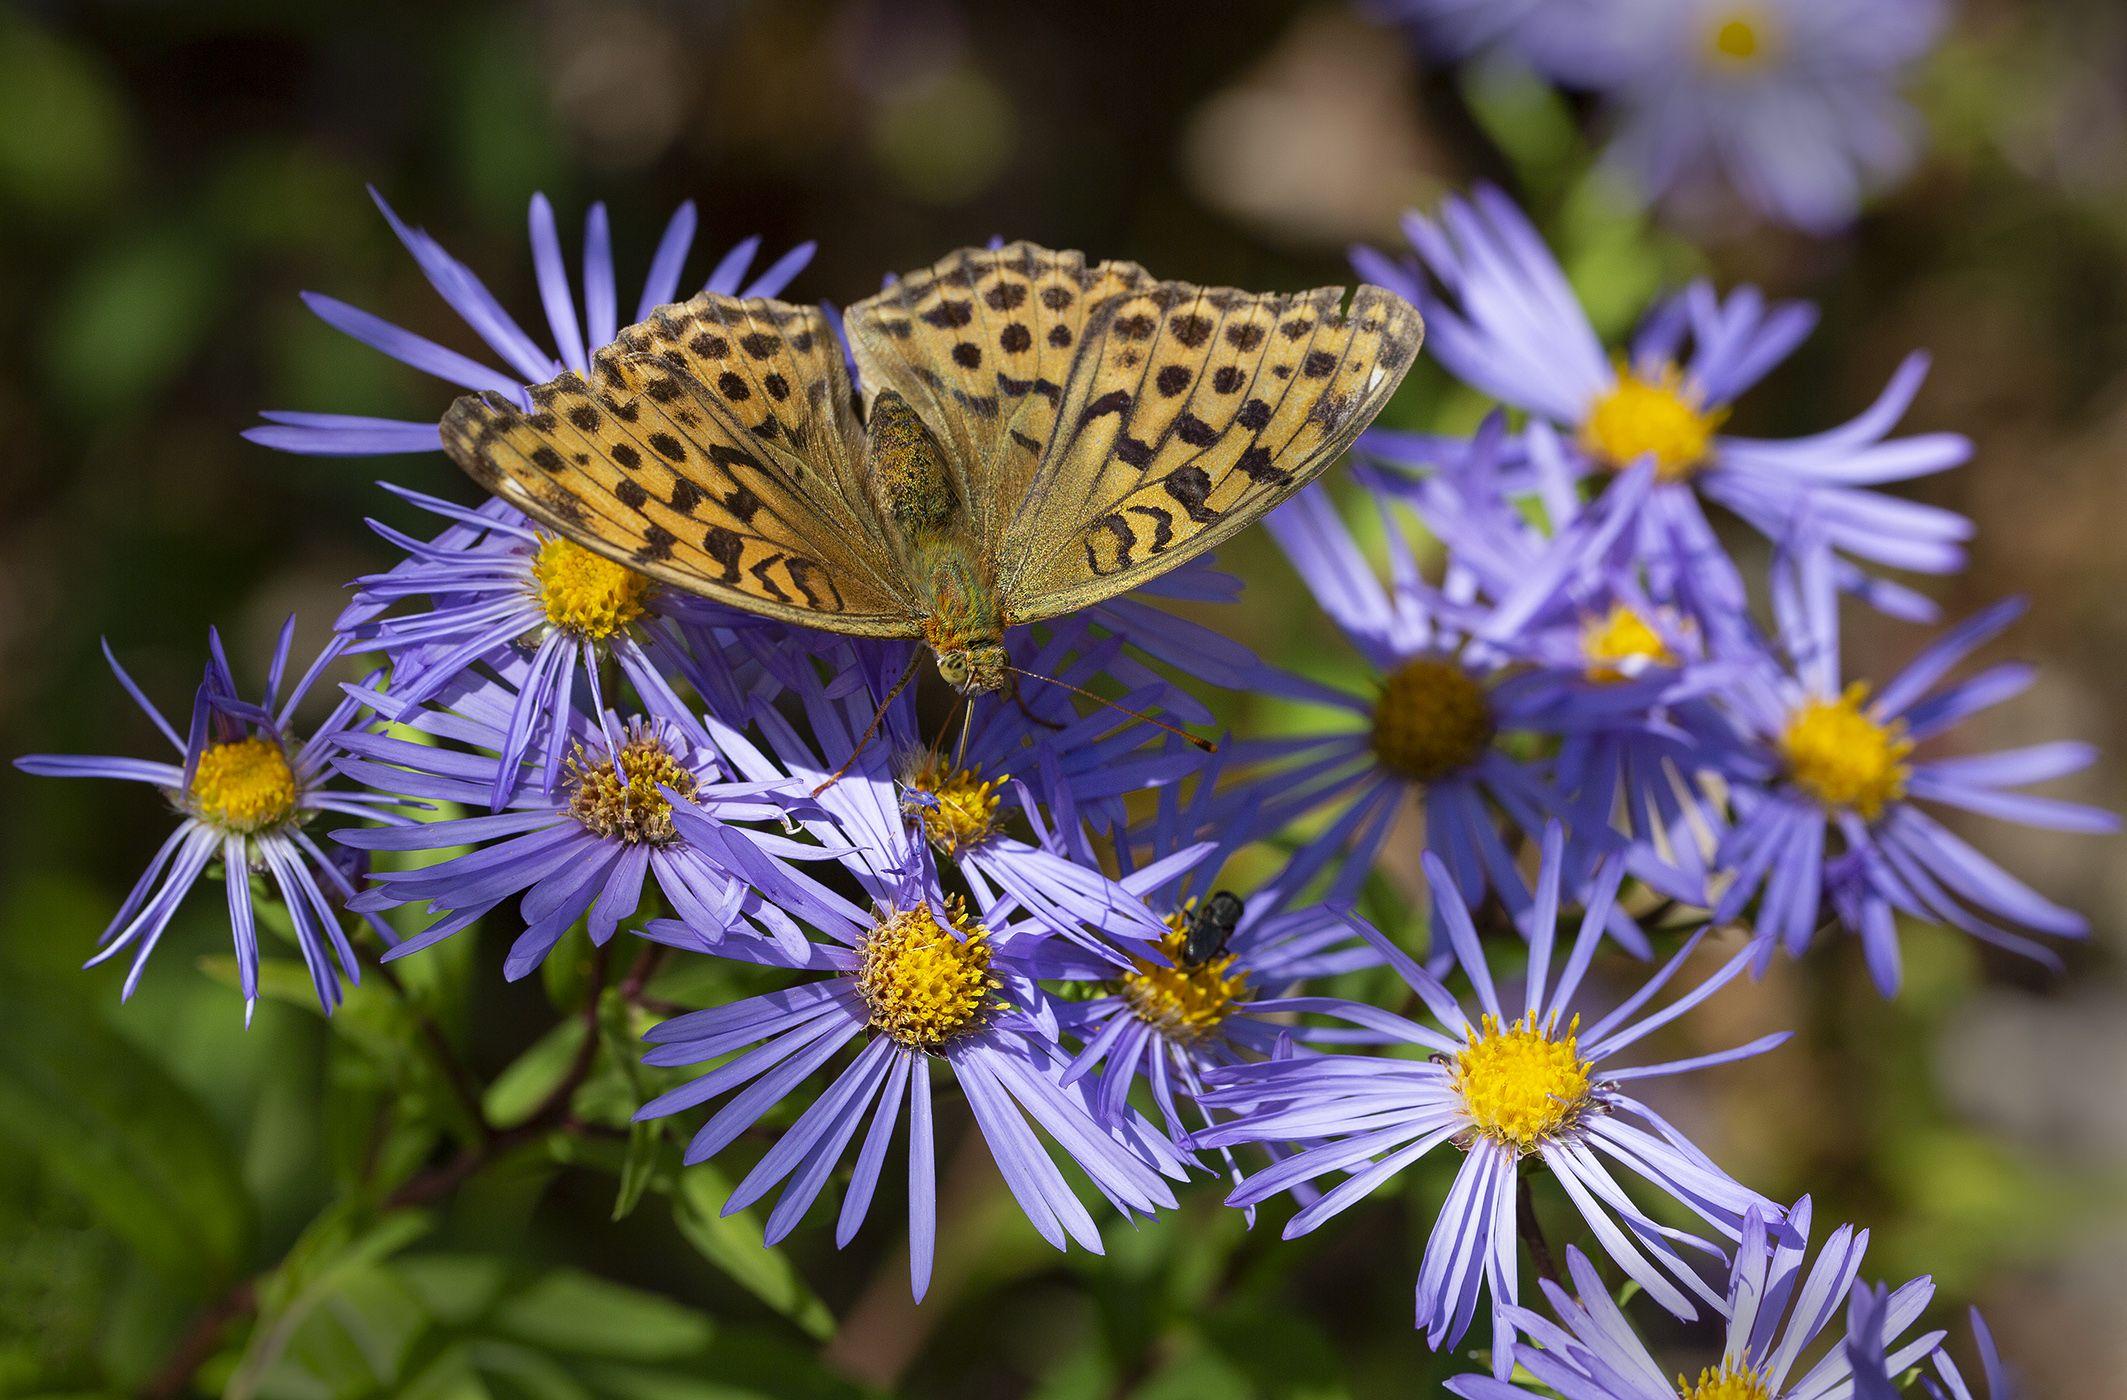 бабочка перламутровка астра  остров русский владивосток сентябрь, Слободской Евгений